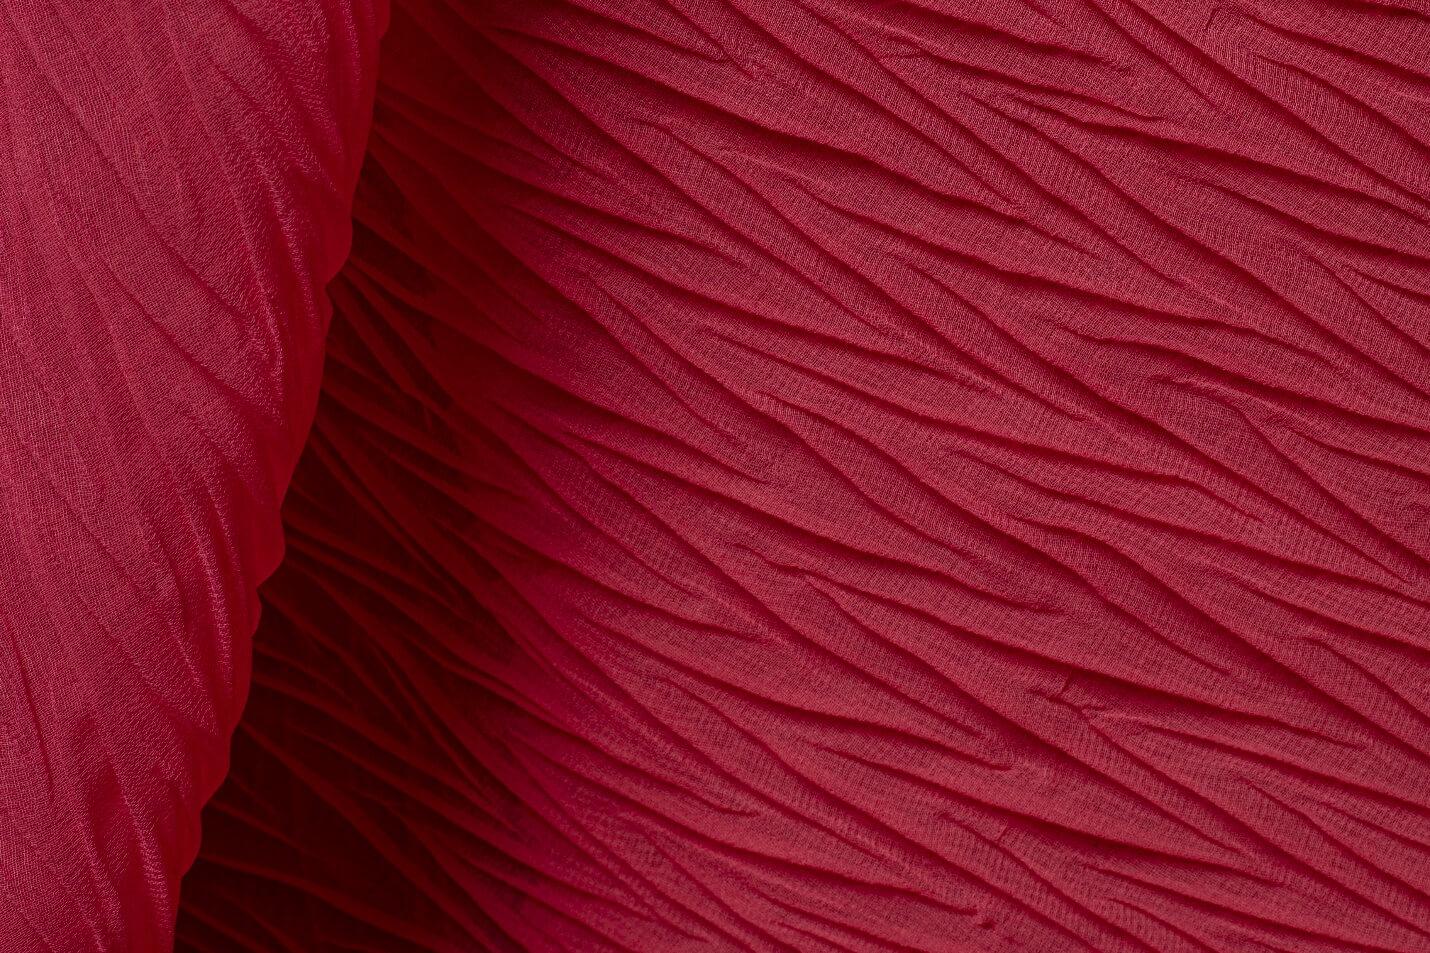 Pre-Pleated Fabrics